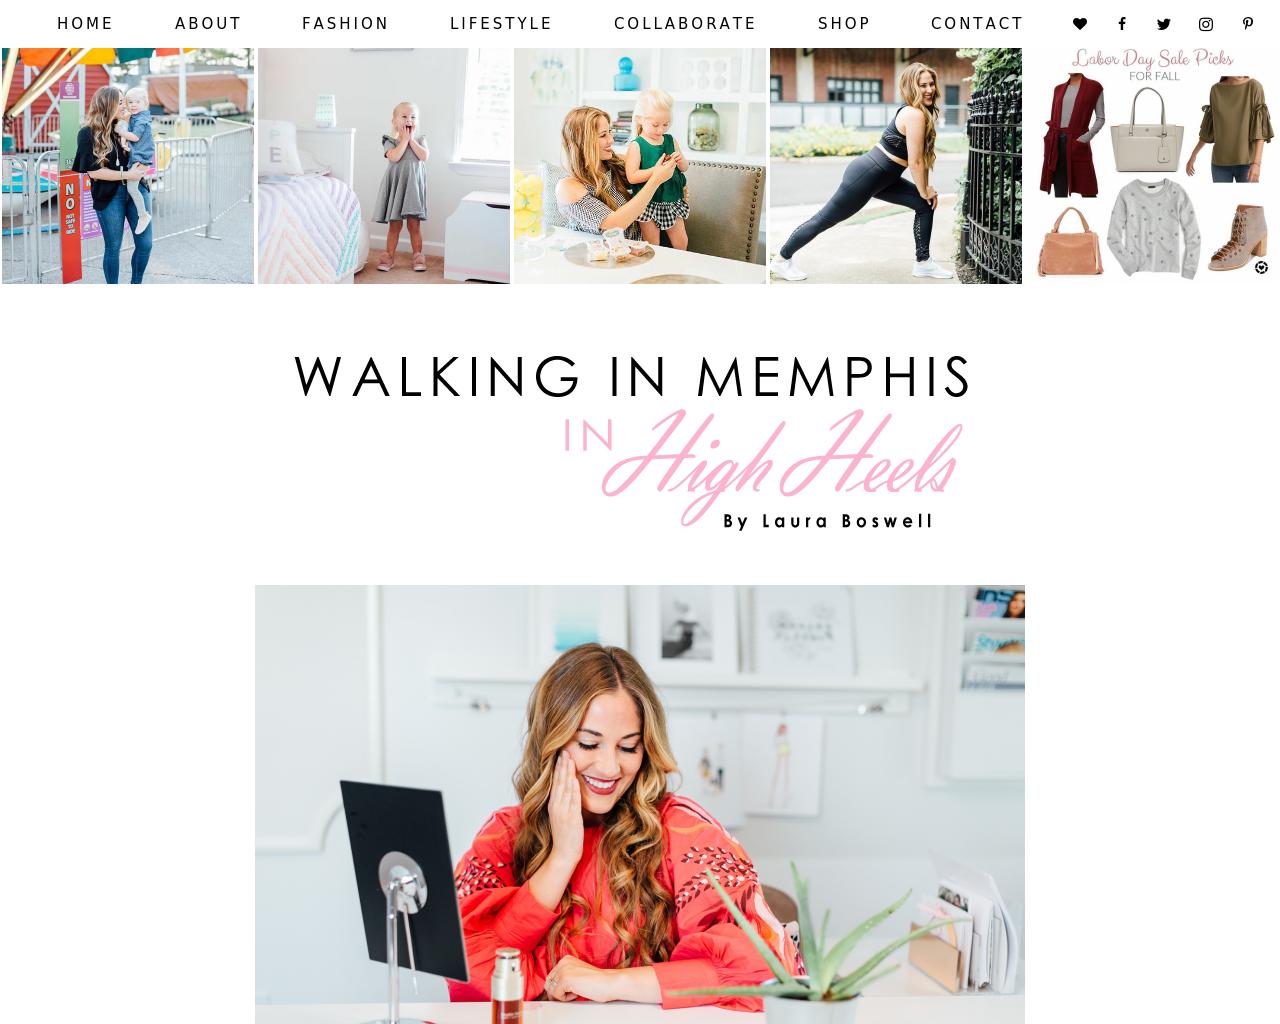 Walking-In-Memphis-In-High-Heels-Advertising-Reviews-Pricing